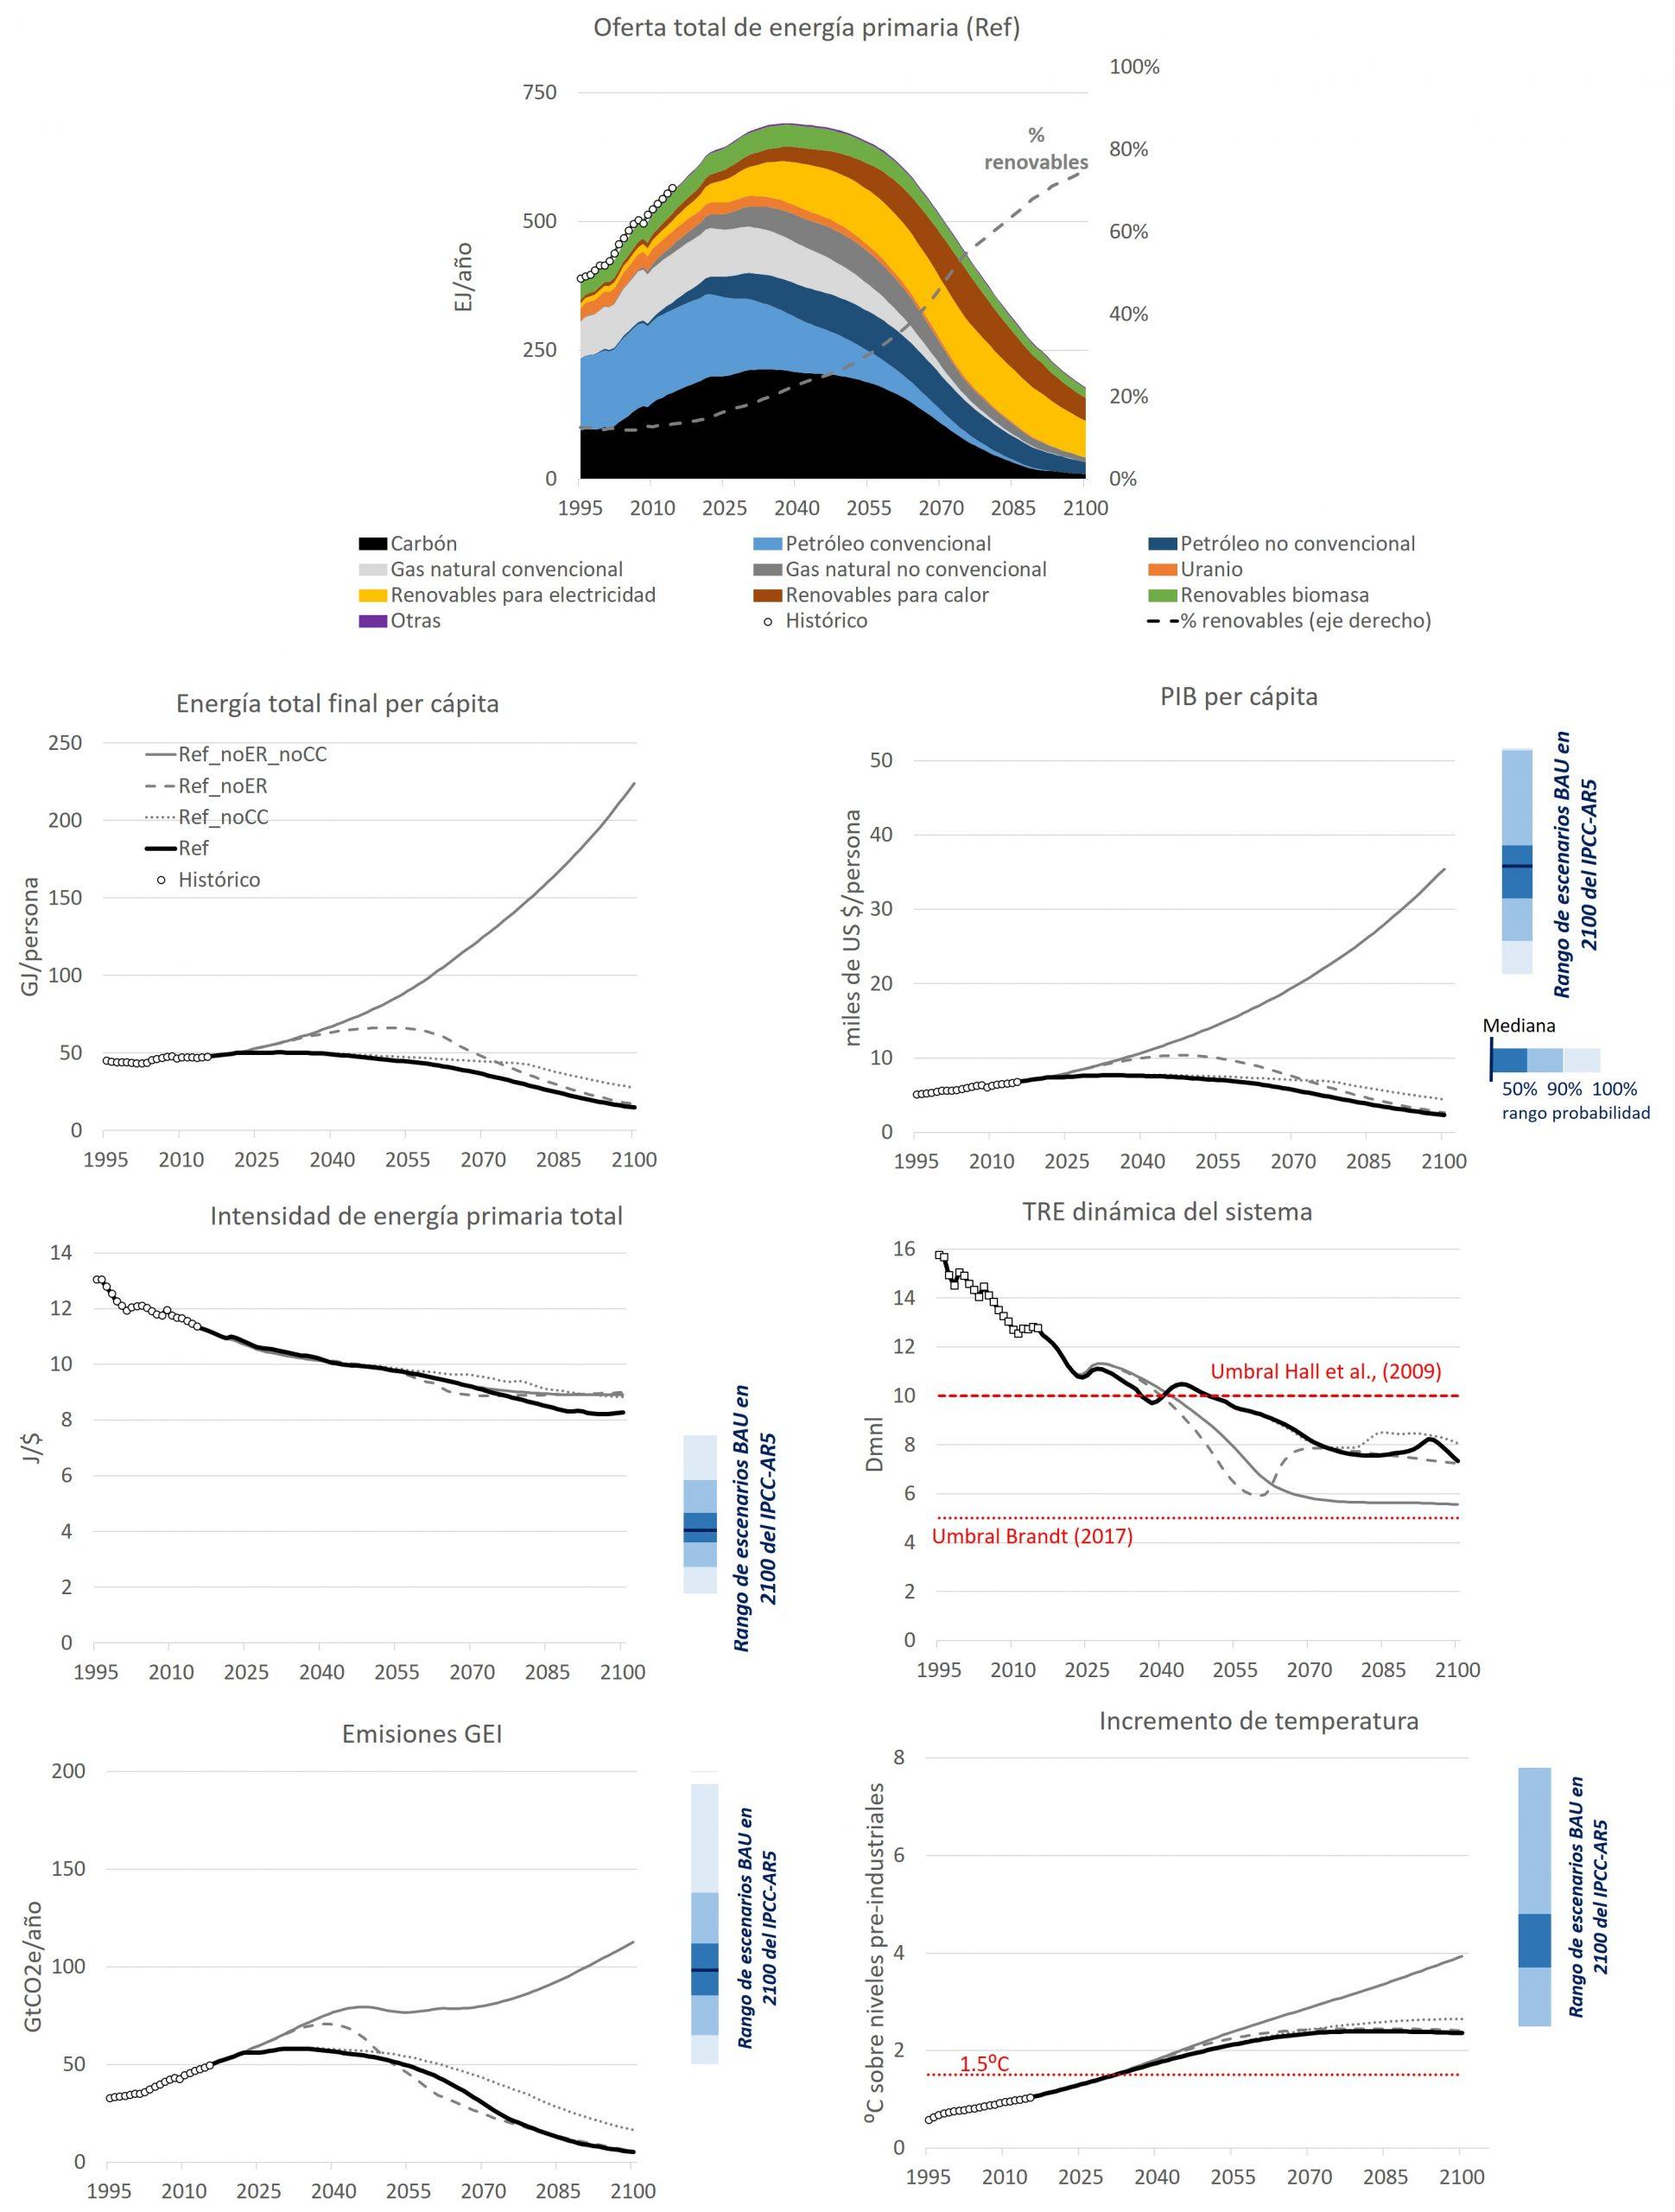 ig.1: Selección de resultados de las 4 variantes del BAU (business-as-usual, continuación de las tendencias actuales) aplicadas al modelo MEDEAS-World exploradas en el artículo académico publicado. Las bandas azules a la derecha de las figuras muestran la comparación con el rango de BAUs reportado en el IPCC-AR5 WG3 para el año 2100: mediana e intervalos de confianza al 50, 90 y 100%. $ son dólares USA de 1995. GEI: Gases de efecto invernadero; TRE: Tasa de retorno energético; PIB: Producto Interior Bruto; Dmnl: sin dimensión (ratio x:1). Ver referencias citadas en artículo original.